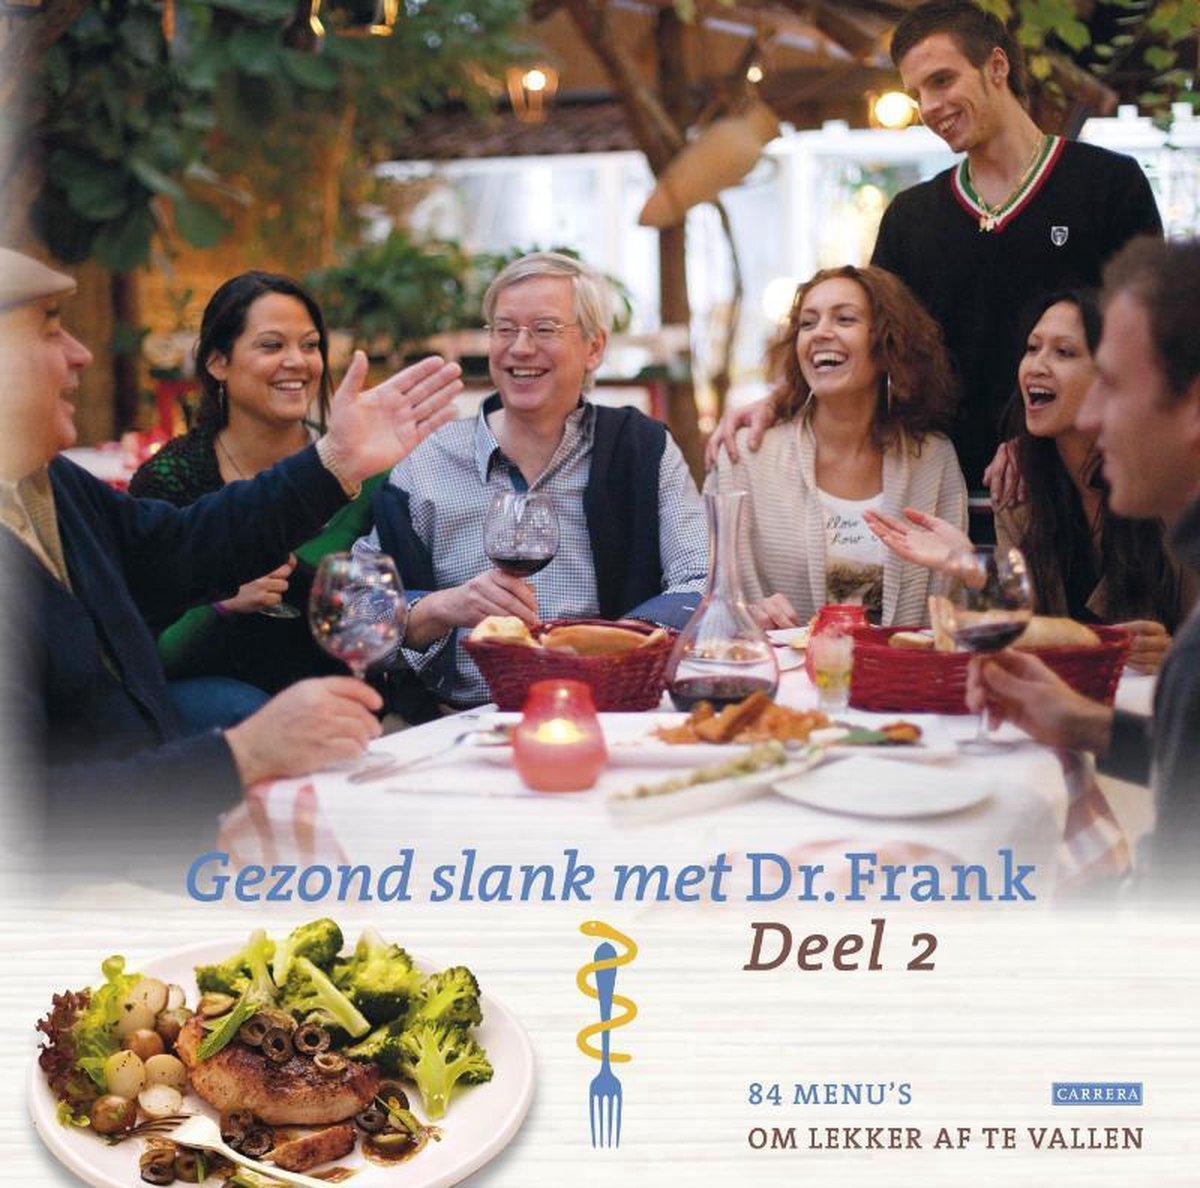 Bol Com Gezond Slank Met Dr Frank 2 Frank Van Berkum 9789048809332 Boeken